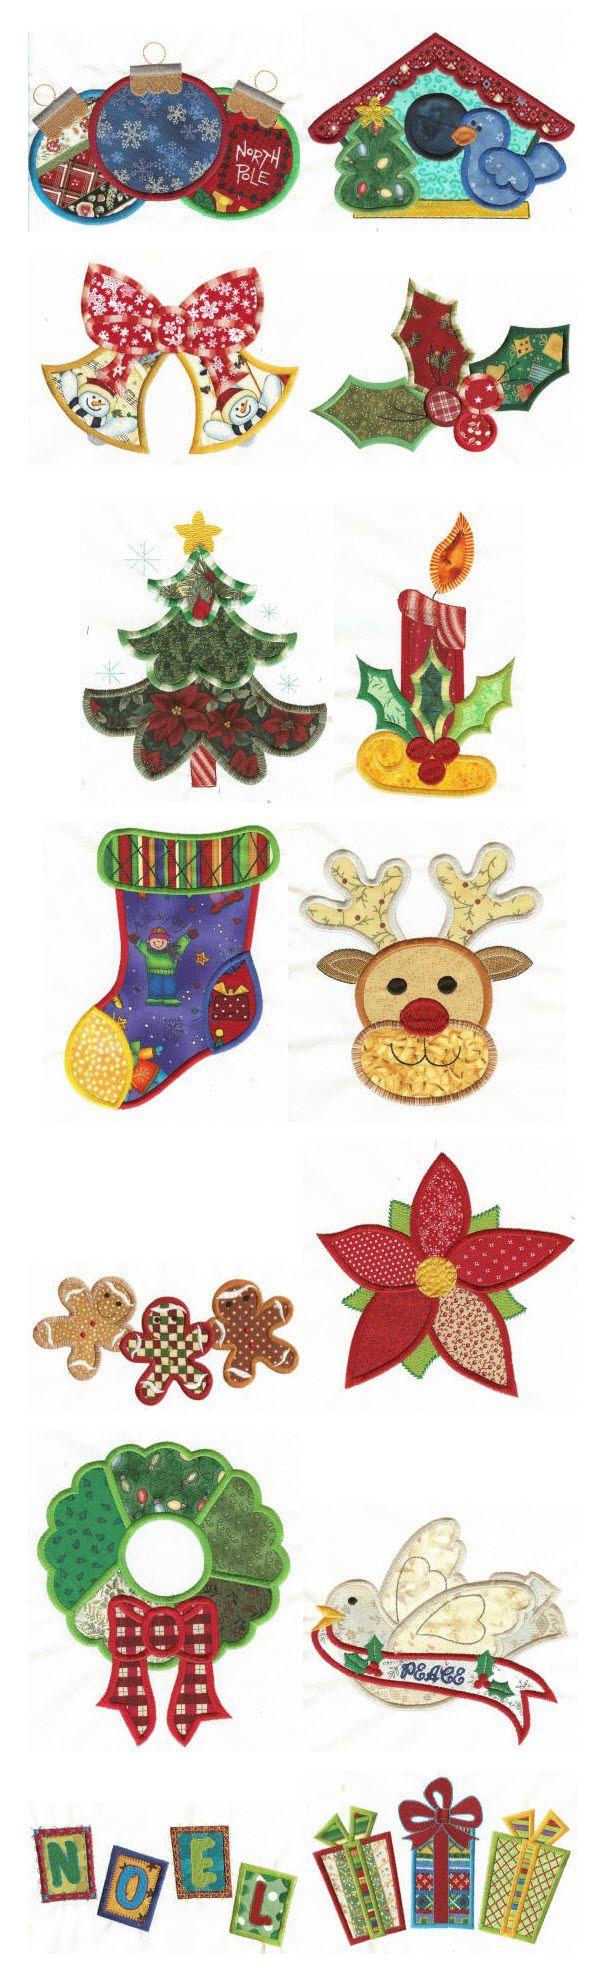 Son aplicaciones pero son de navidad y estan lindas.